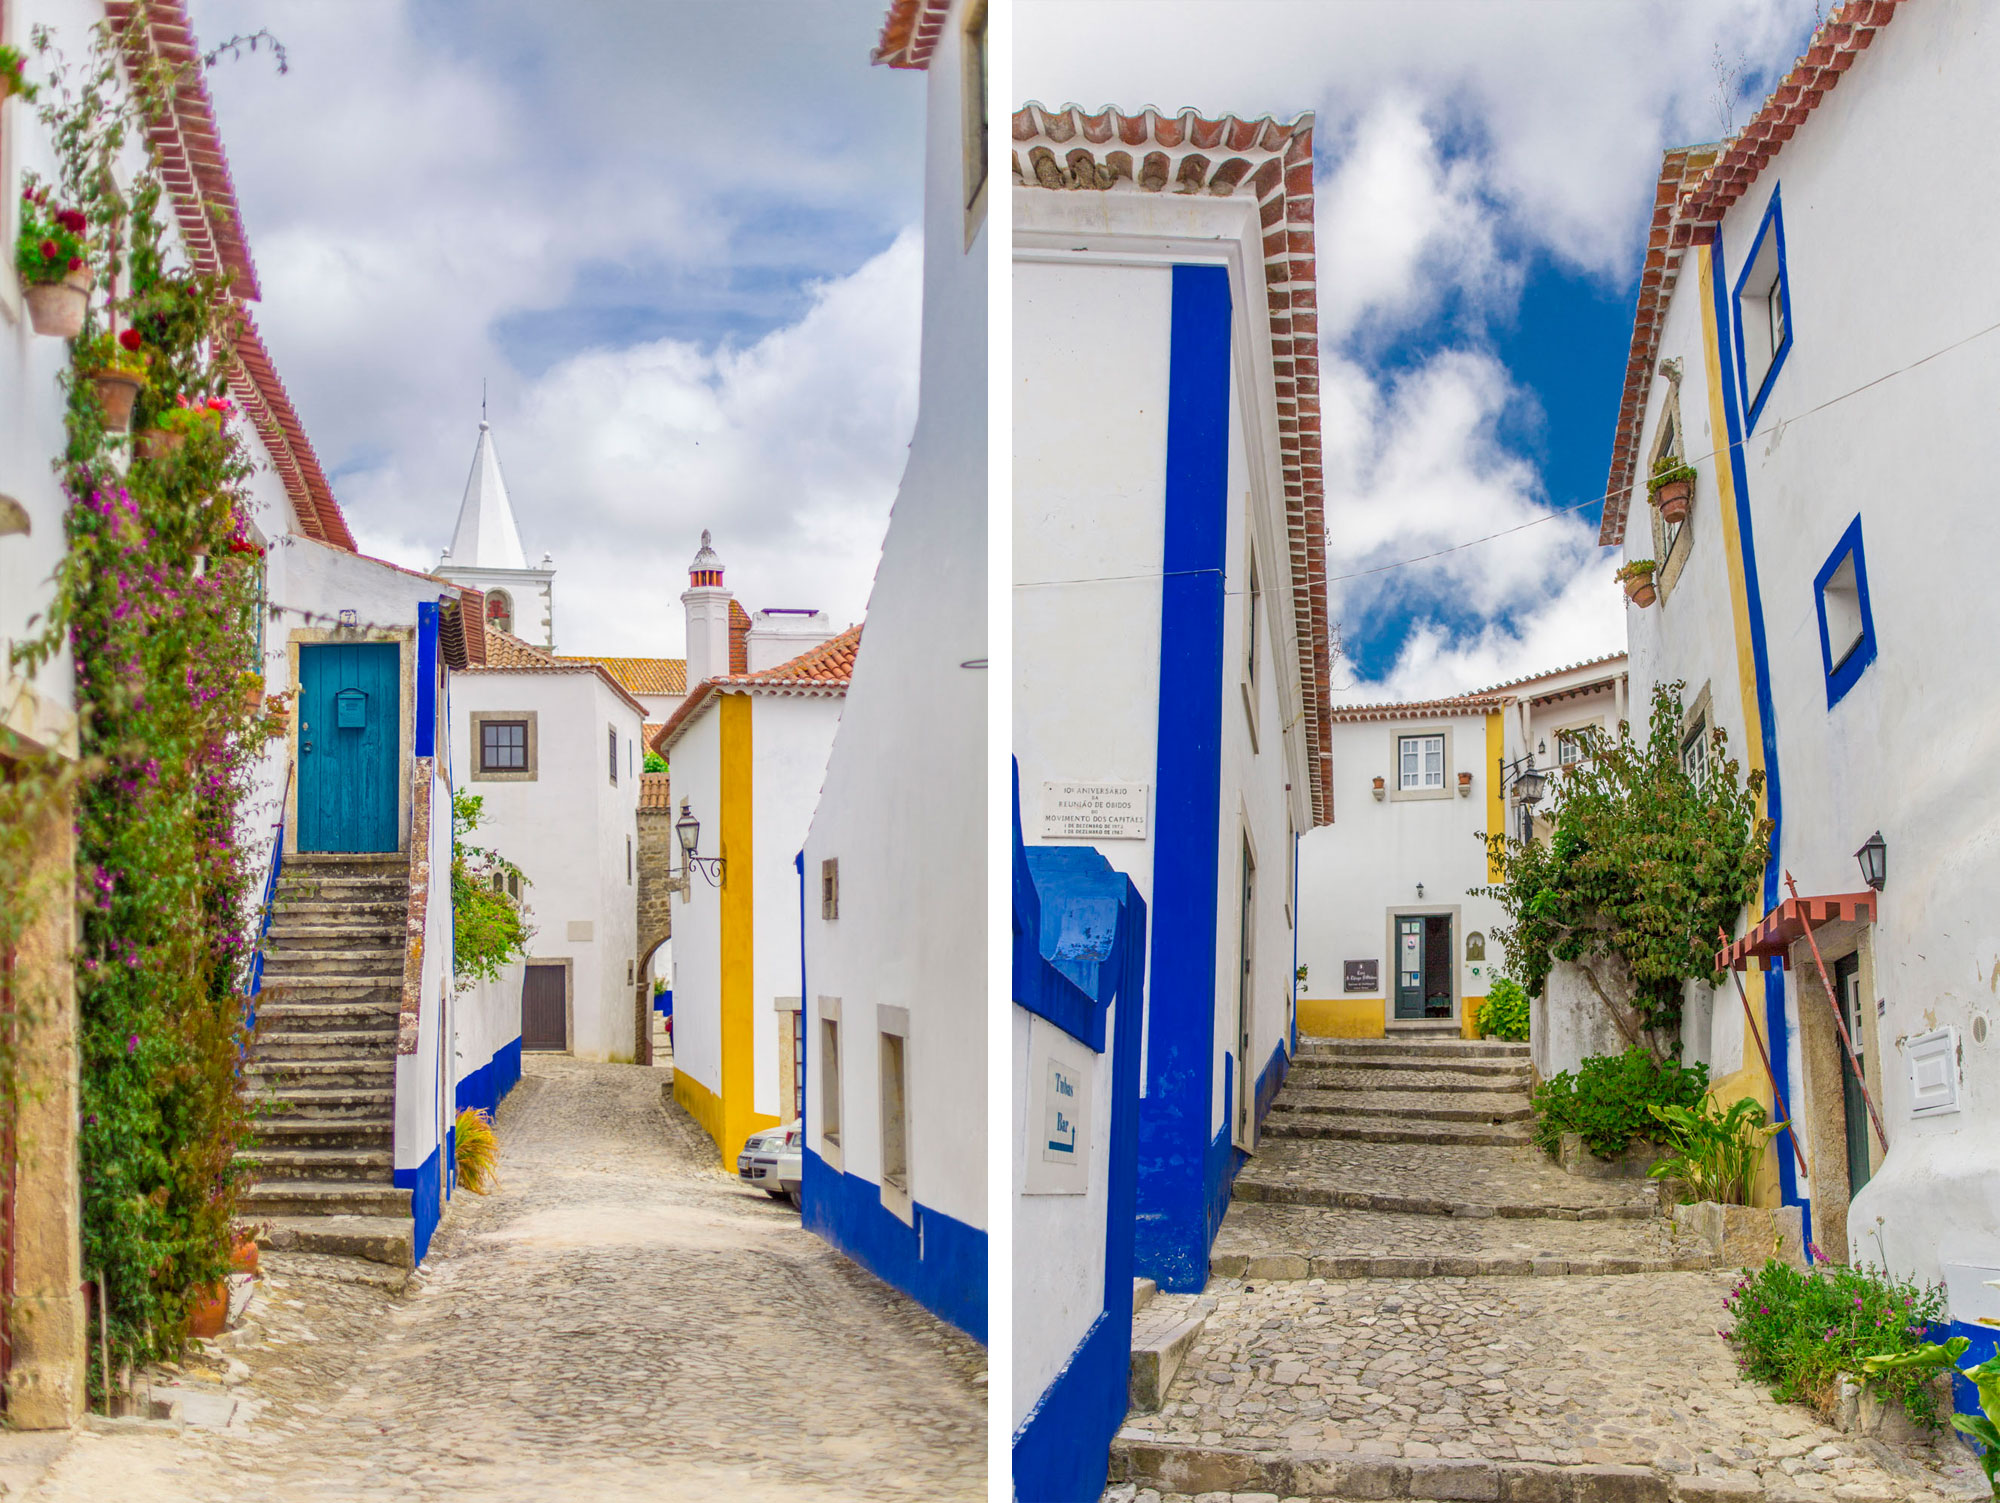 Urlaub-Portugal-134